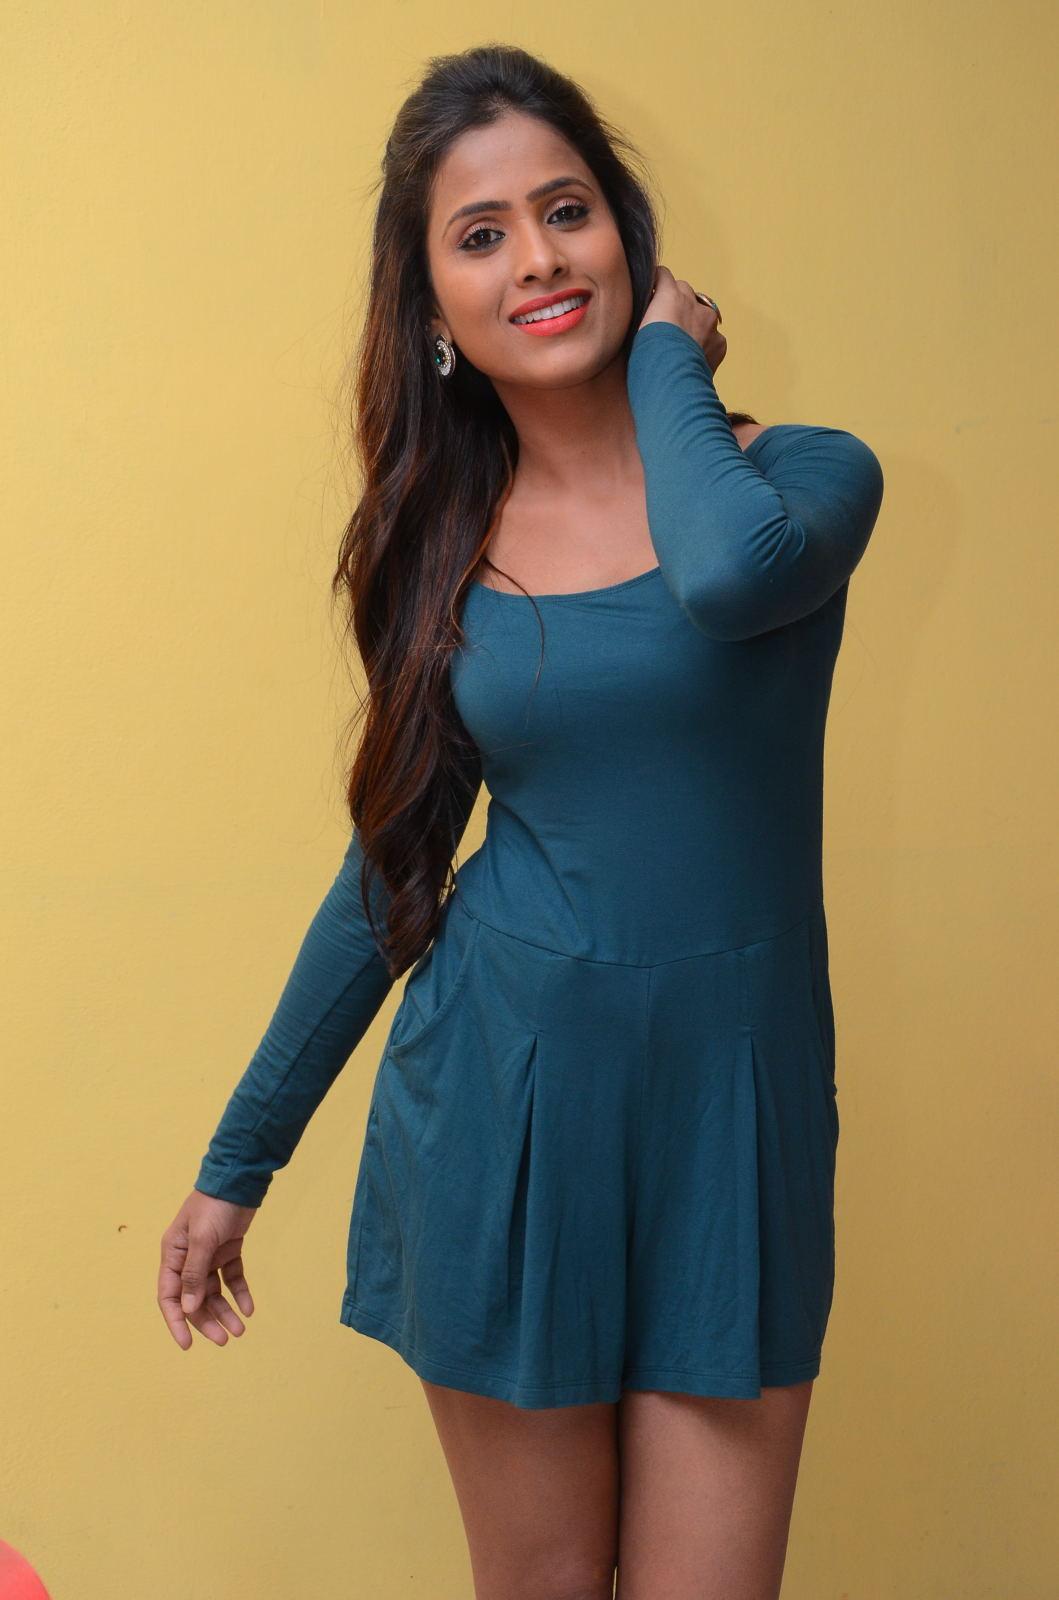 prashanthi Super Hot Prashanthi In Sexy Outfit | Indian Cinema | Models | Actresses Prashanthi Hot Photo Stills 128